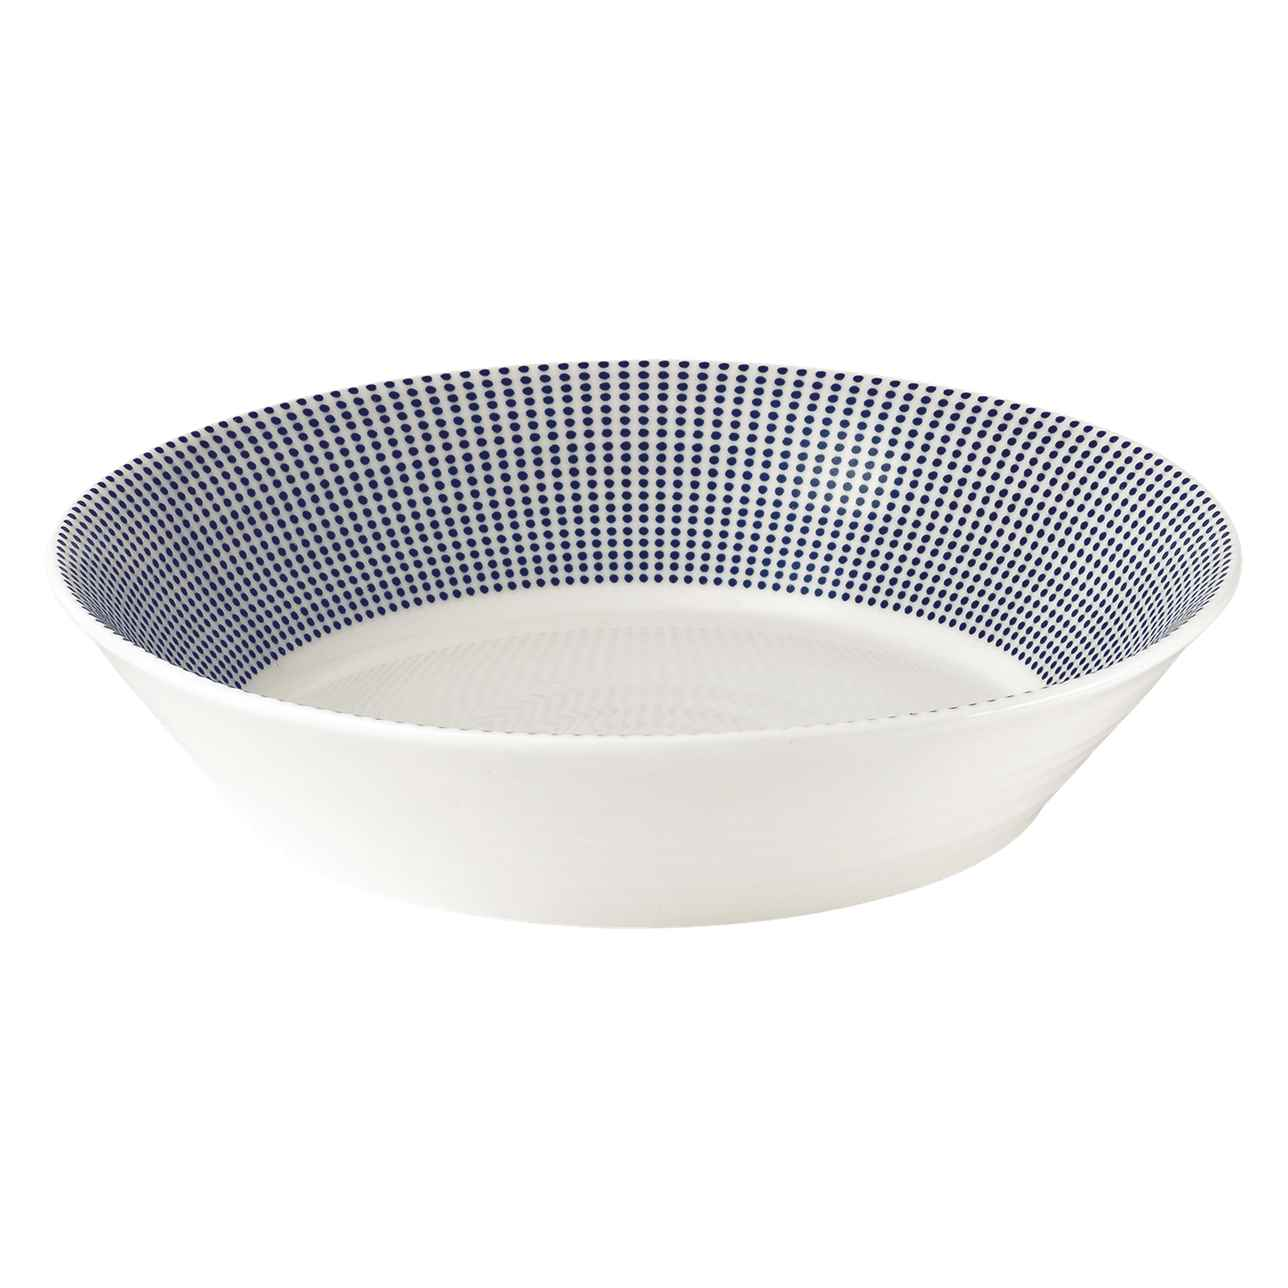 Pacific Blue Dots Pasta Bowl